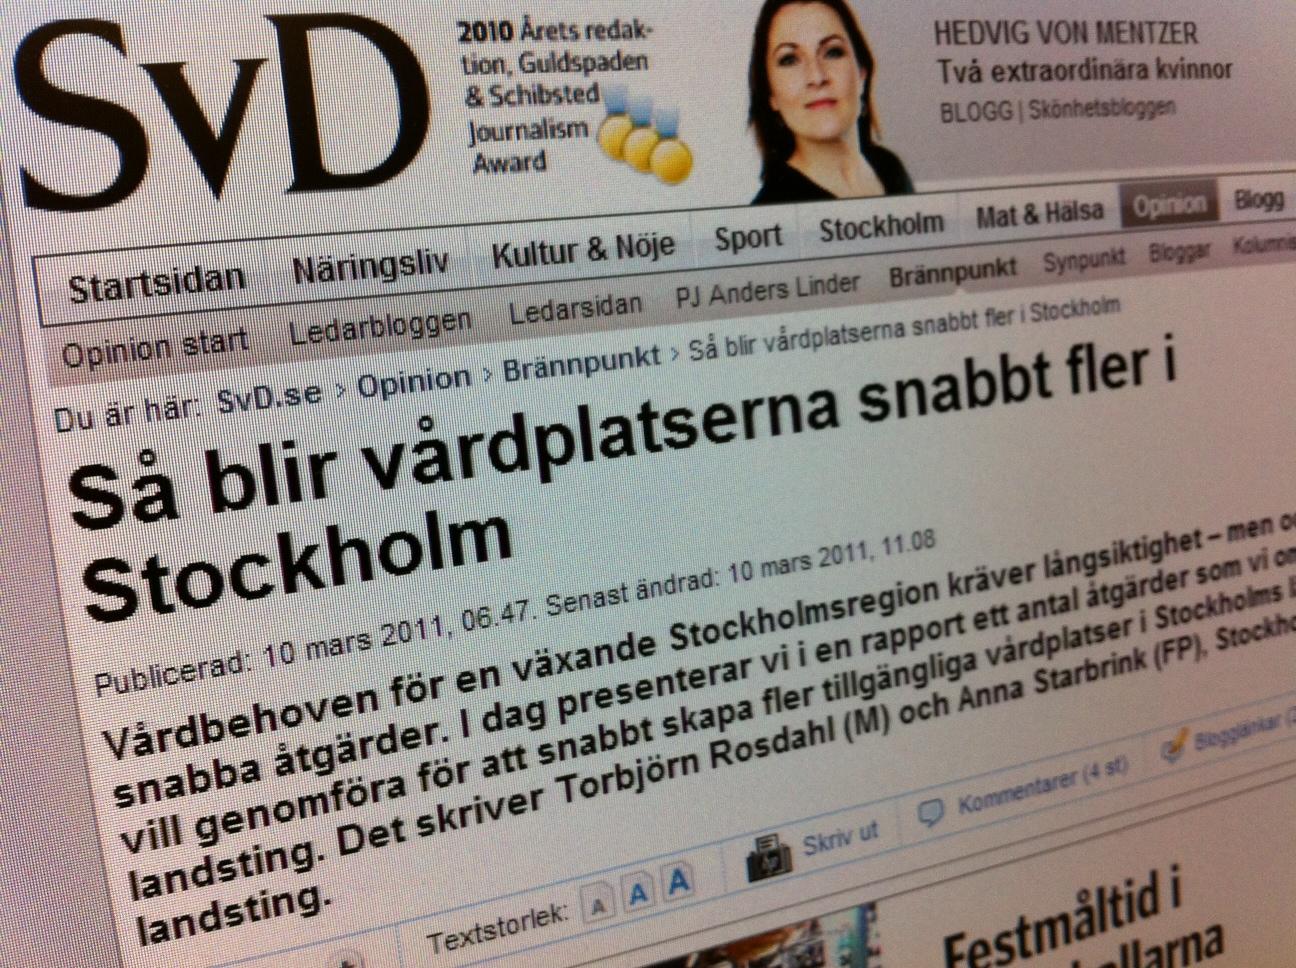 Så blir vårdplatserna snabbt fler i Stockholm.